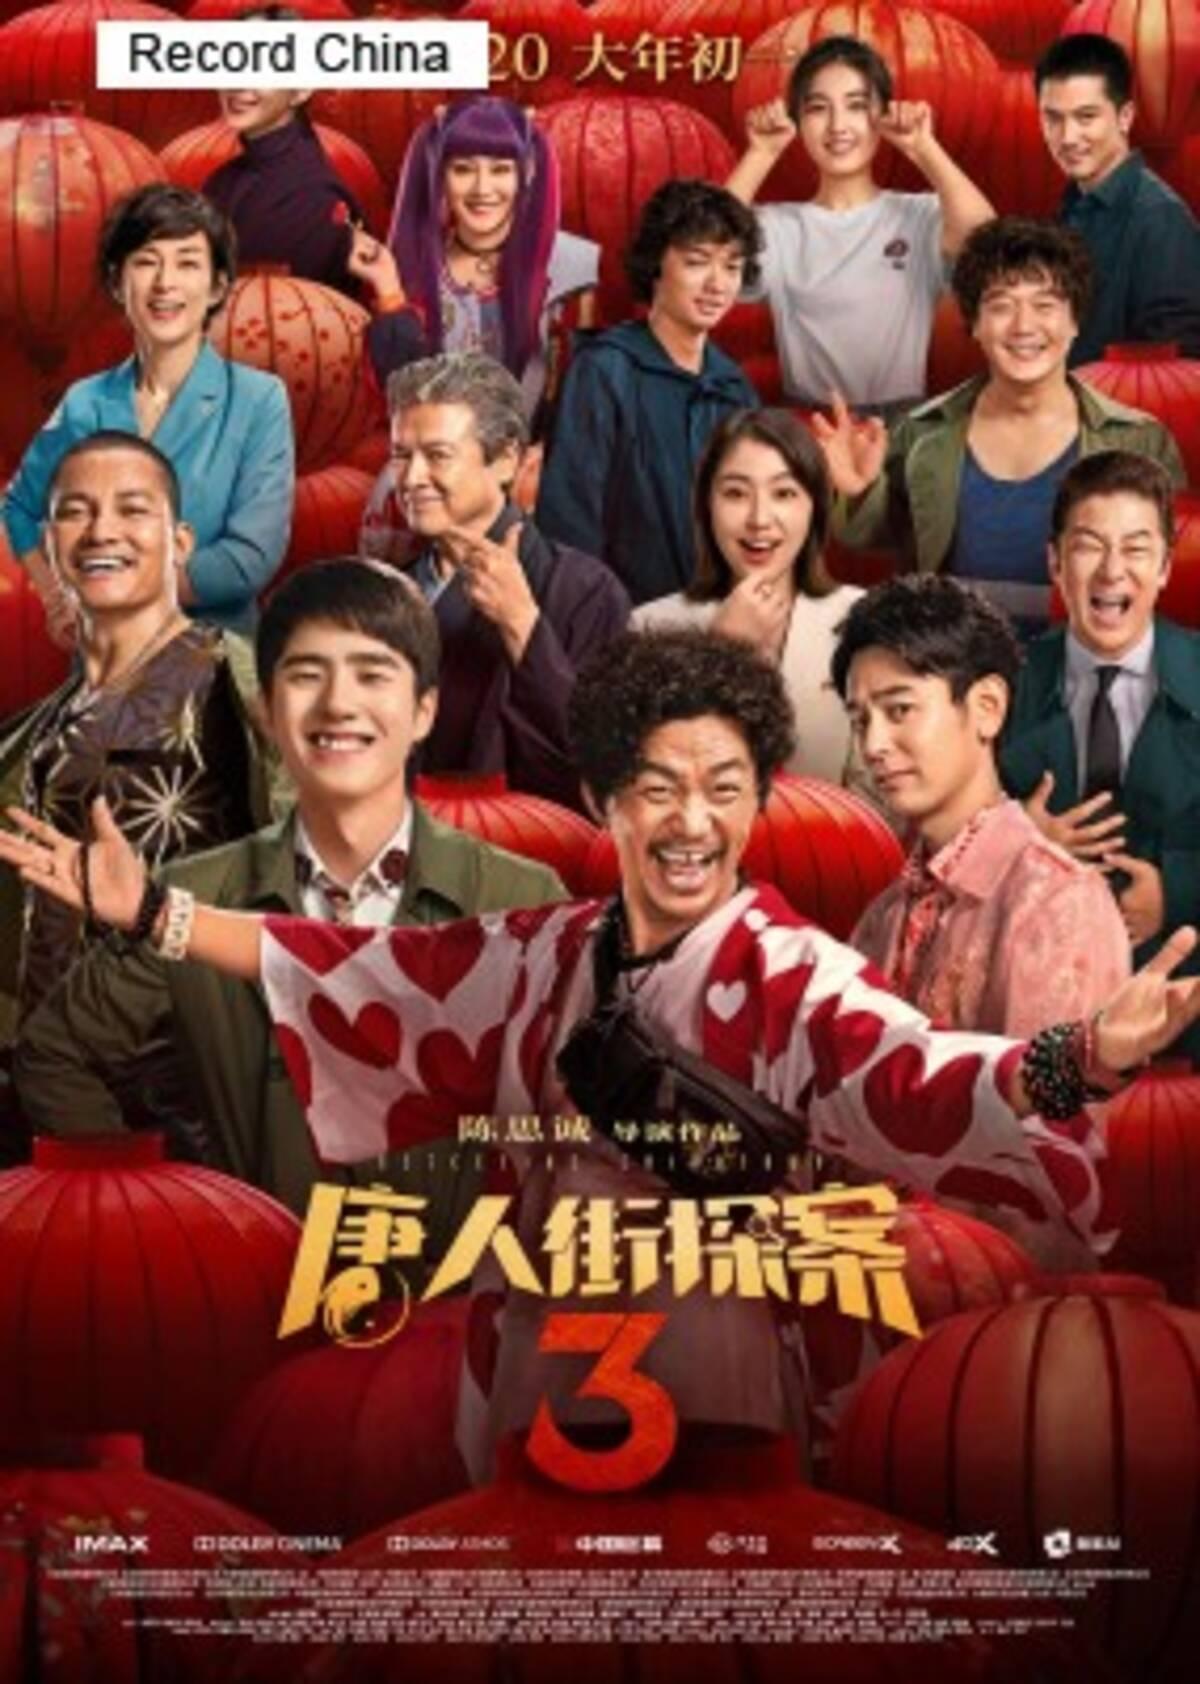 中国の映画館再開は今月中?日本人キャスト豪華共演の話題作、来年に ...